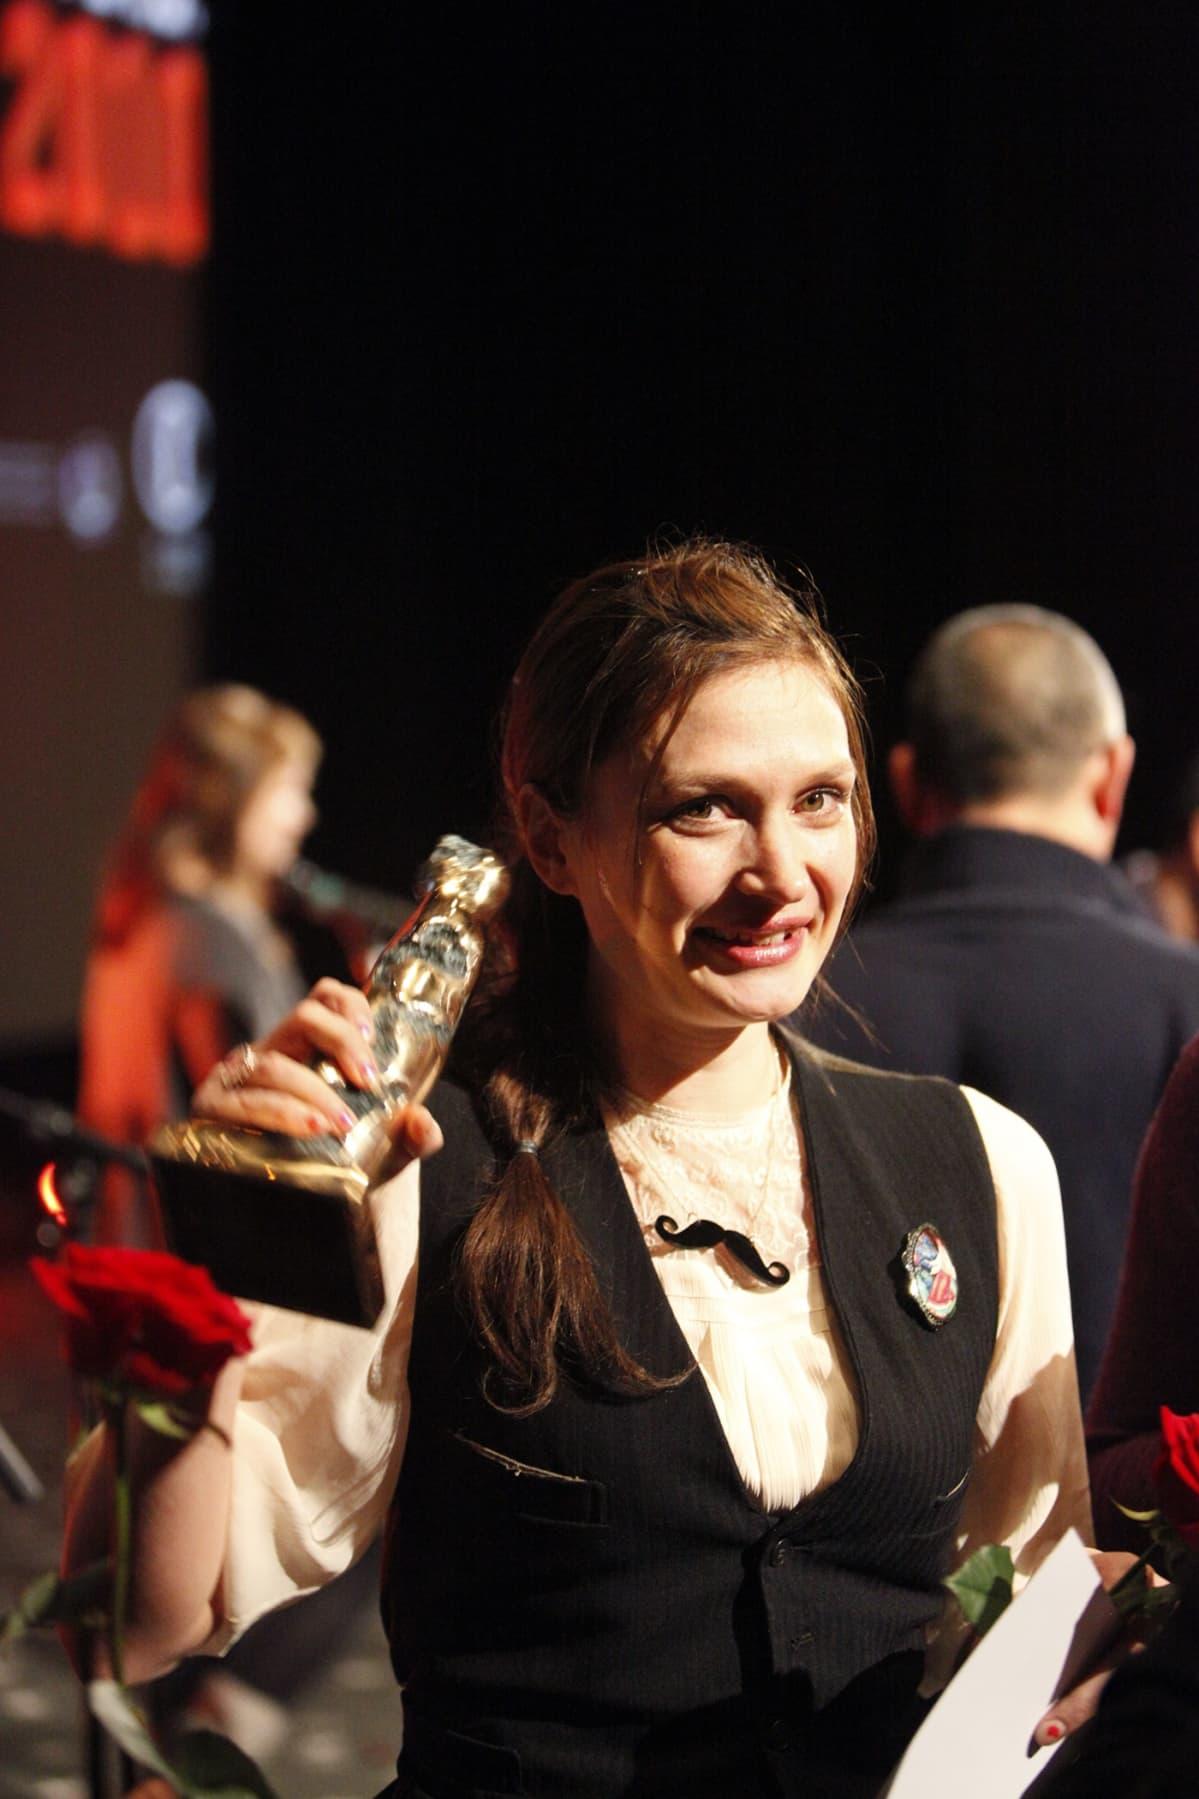 Miia Tervo Tampereen elokuvajuhlien palkintojen jaossa 2010